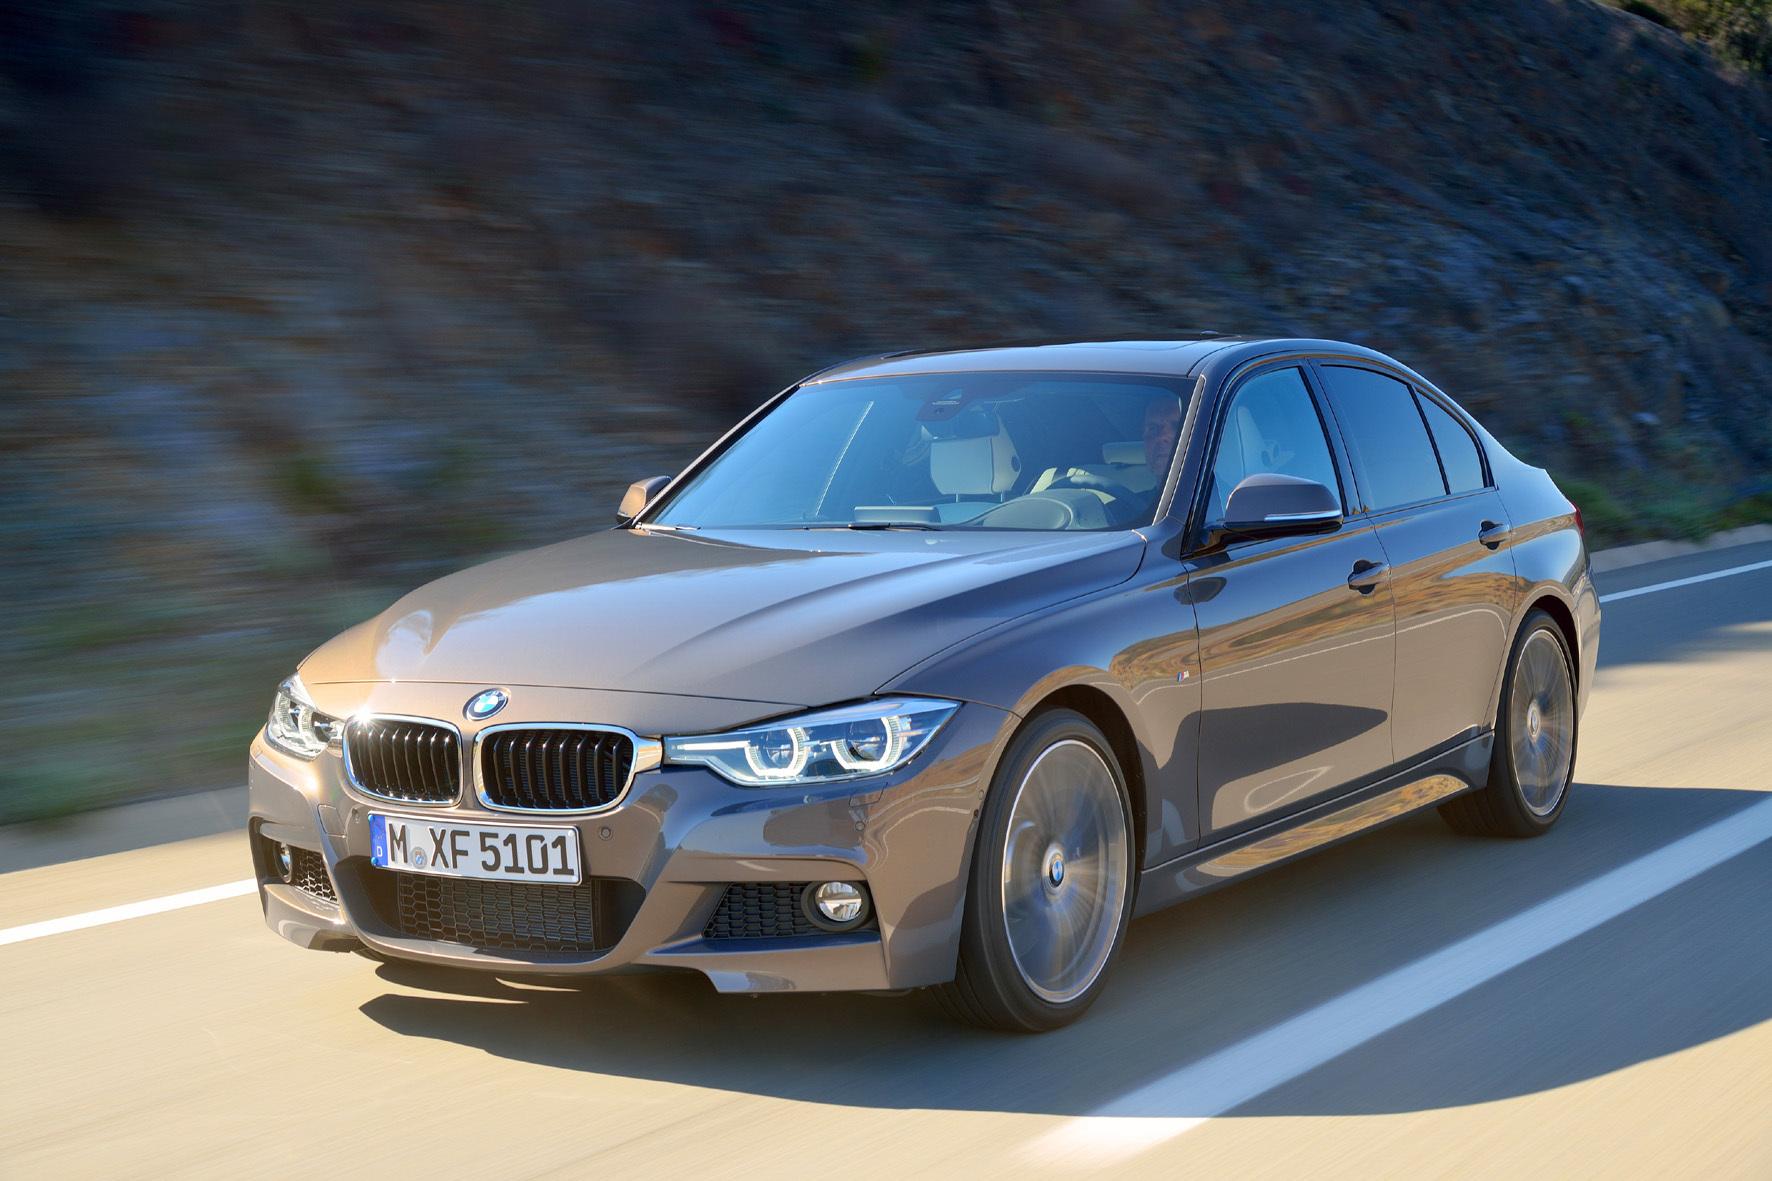 mid Achenkirch/Österreich - Der überarbeitete BMW 3er kommt mit nur wenigen optischen Veränderungen an Scheinwerfern und Stoßfängern, dafür aber mit einer fast komplett neuen Motorenpalette.